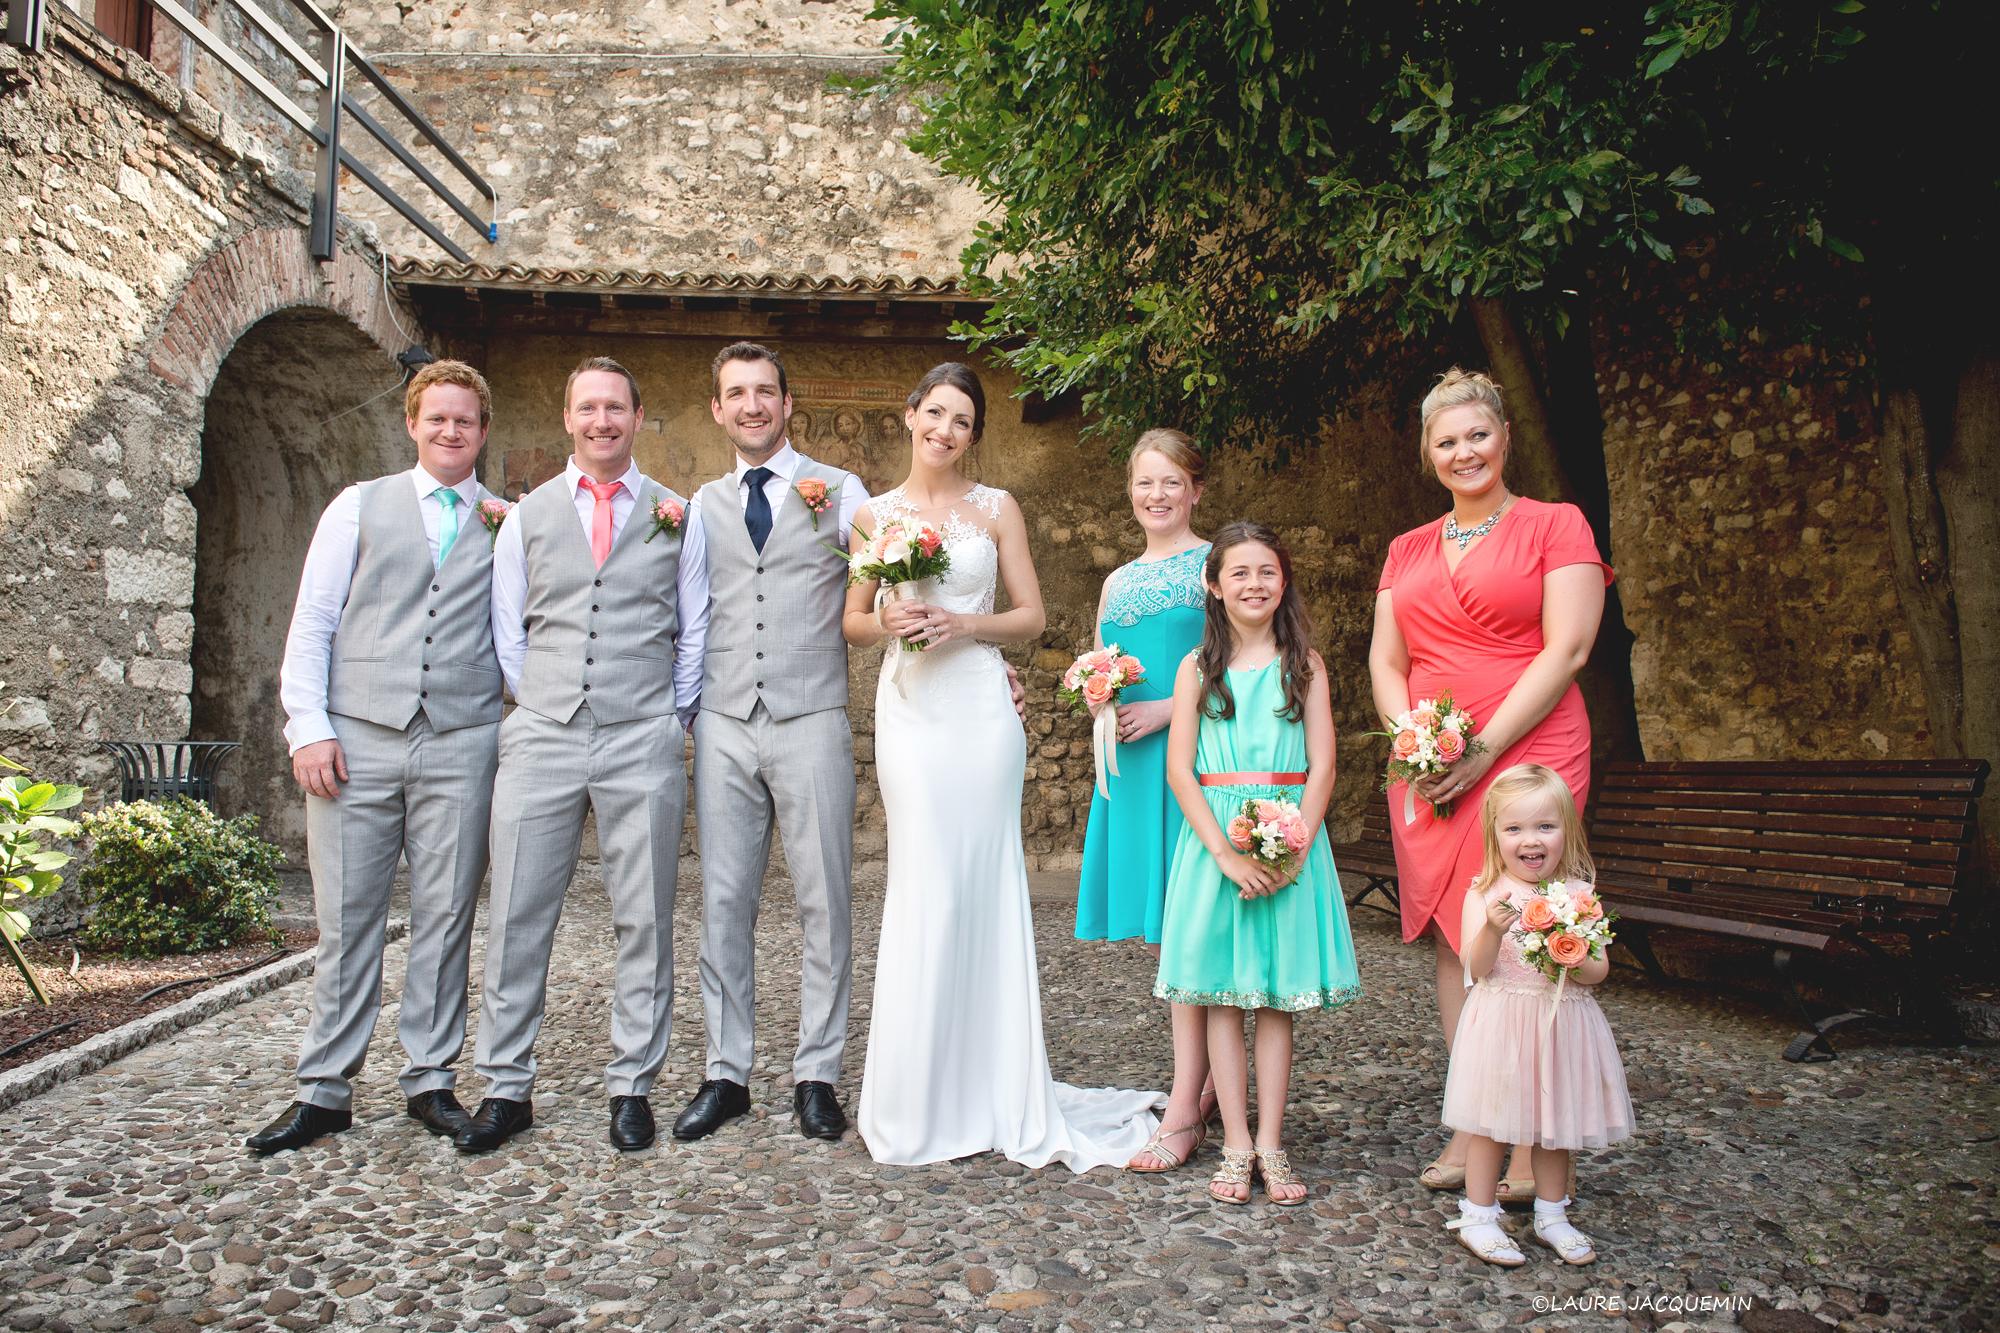 lac de Garde italie venise mariage photographe laure Jacquemin (181)